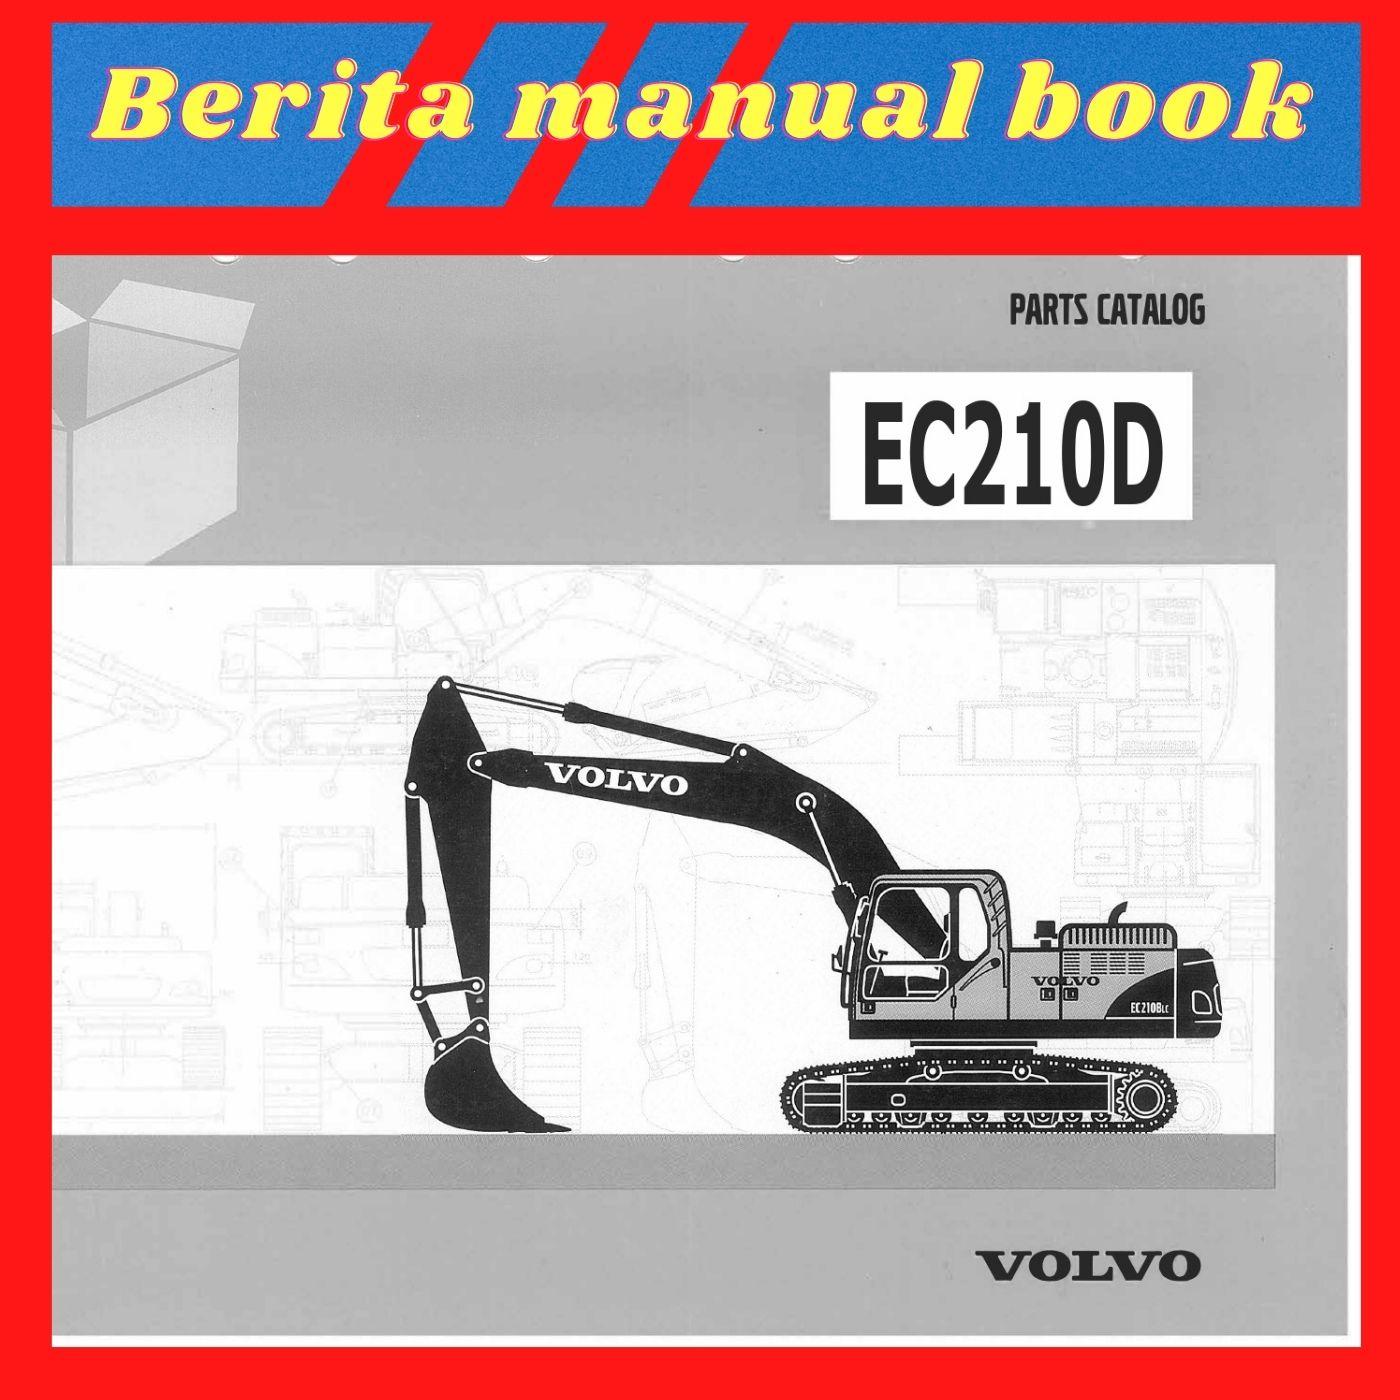 Volvo EC210D parts catalog excavator